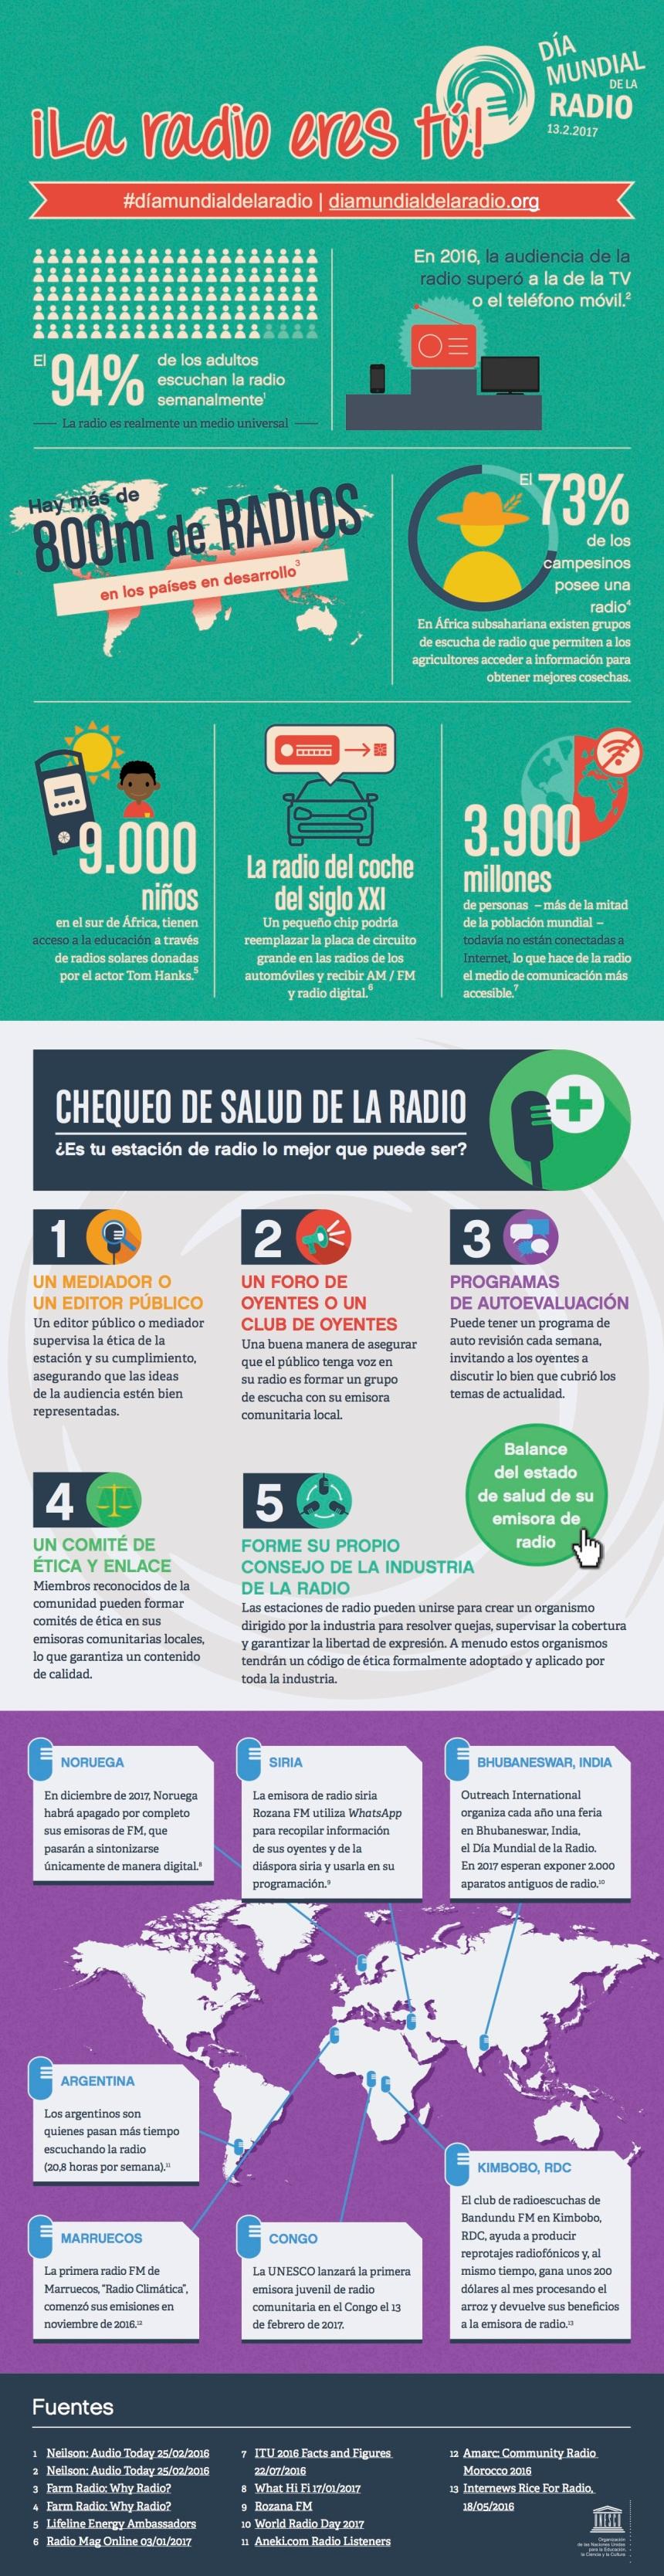 Algunos datos sobre el Mundo de la Radio